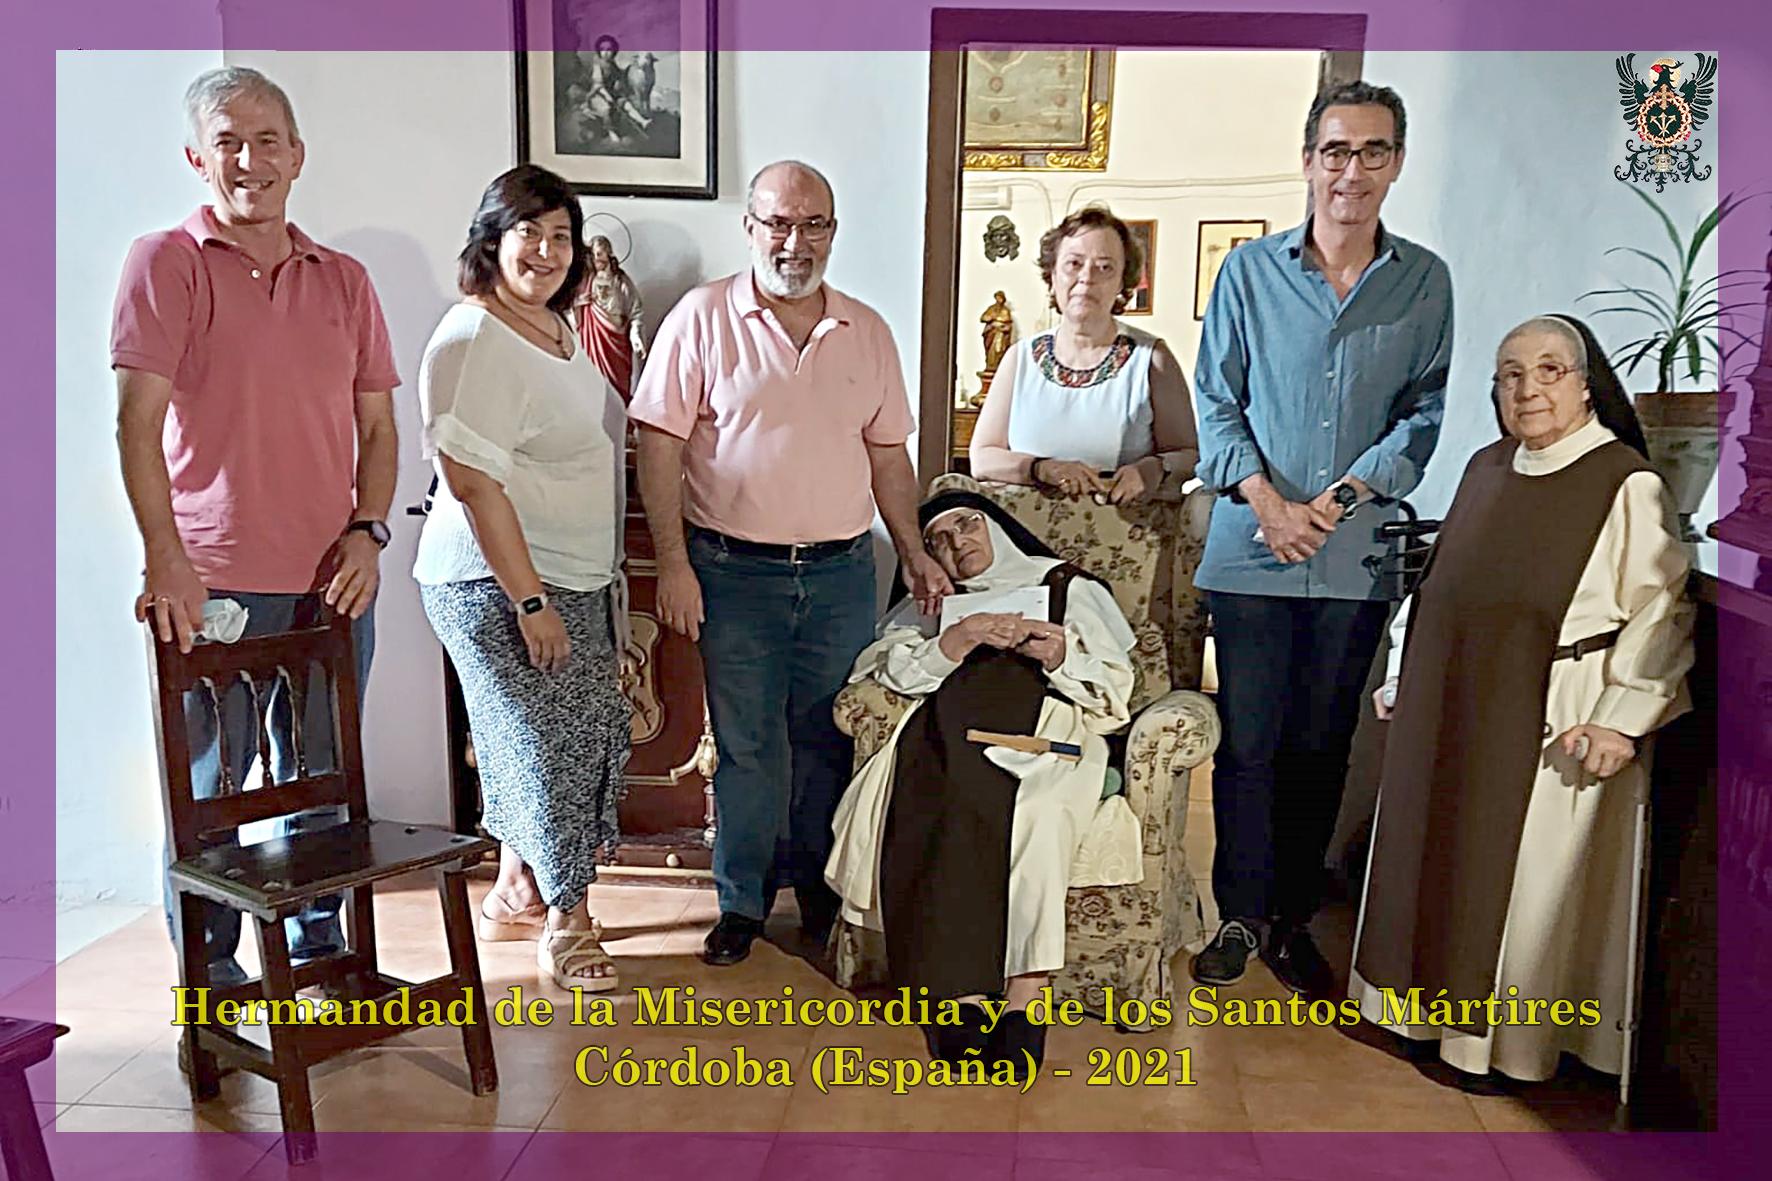 La Vocalía de Caridad entrega 2.200 euros a las monjas de Santa Marta